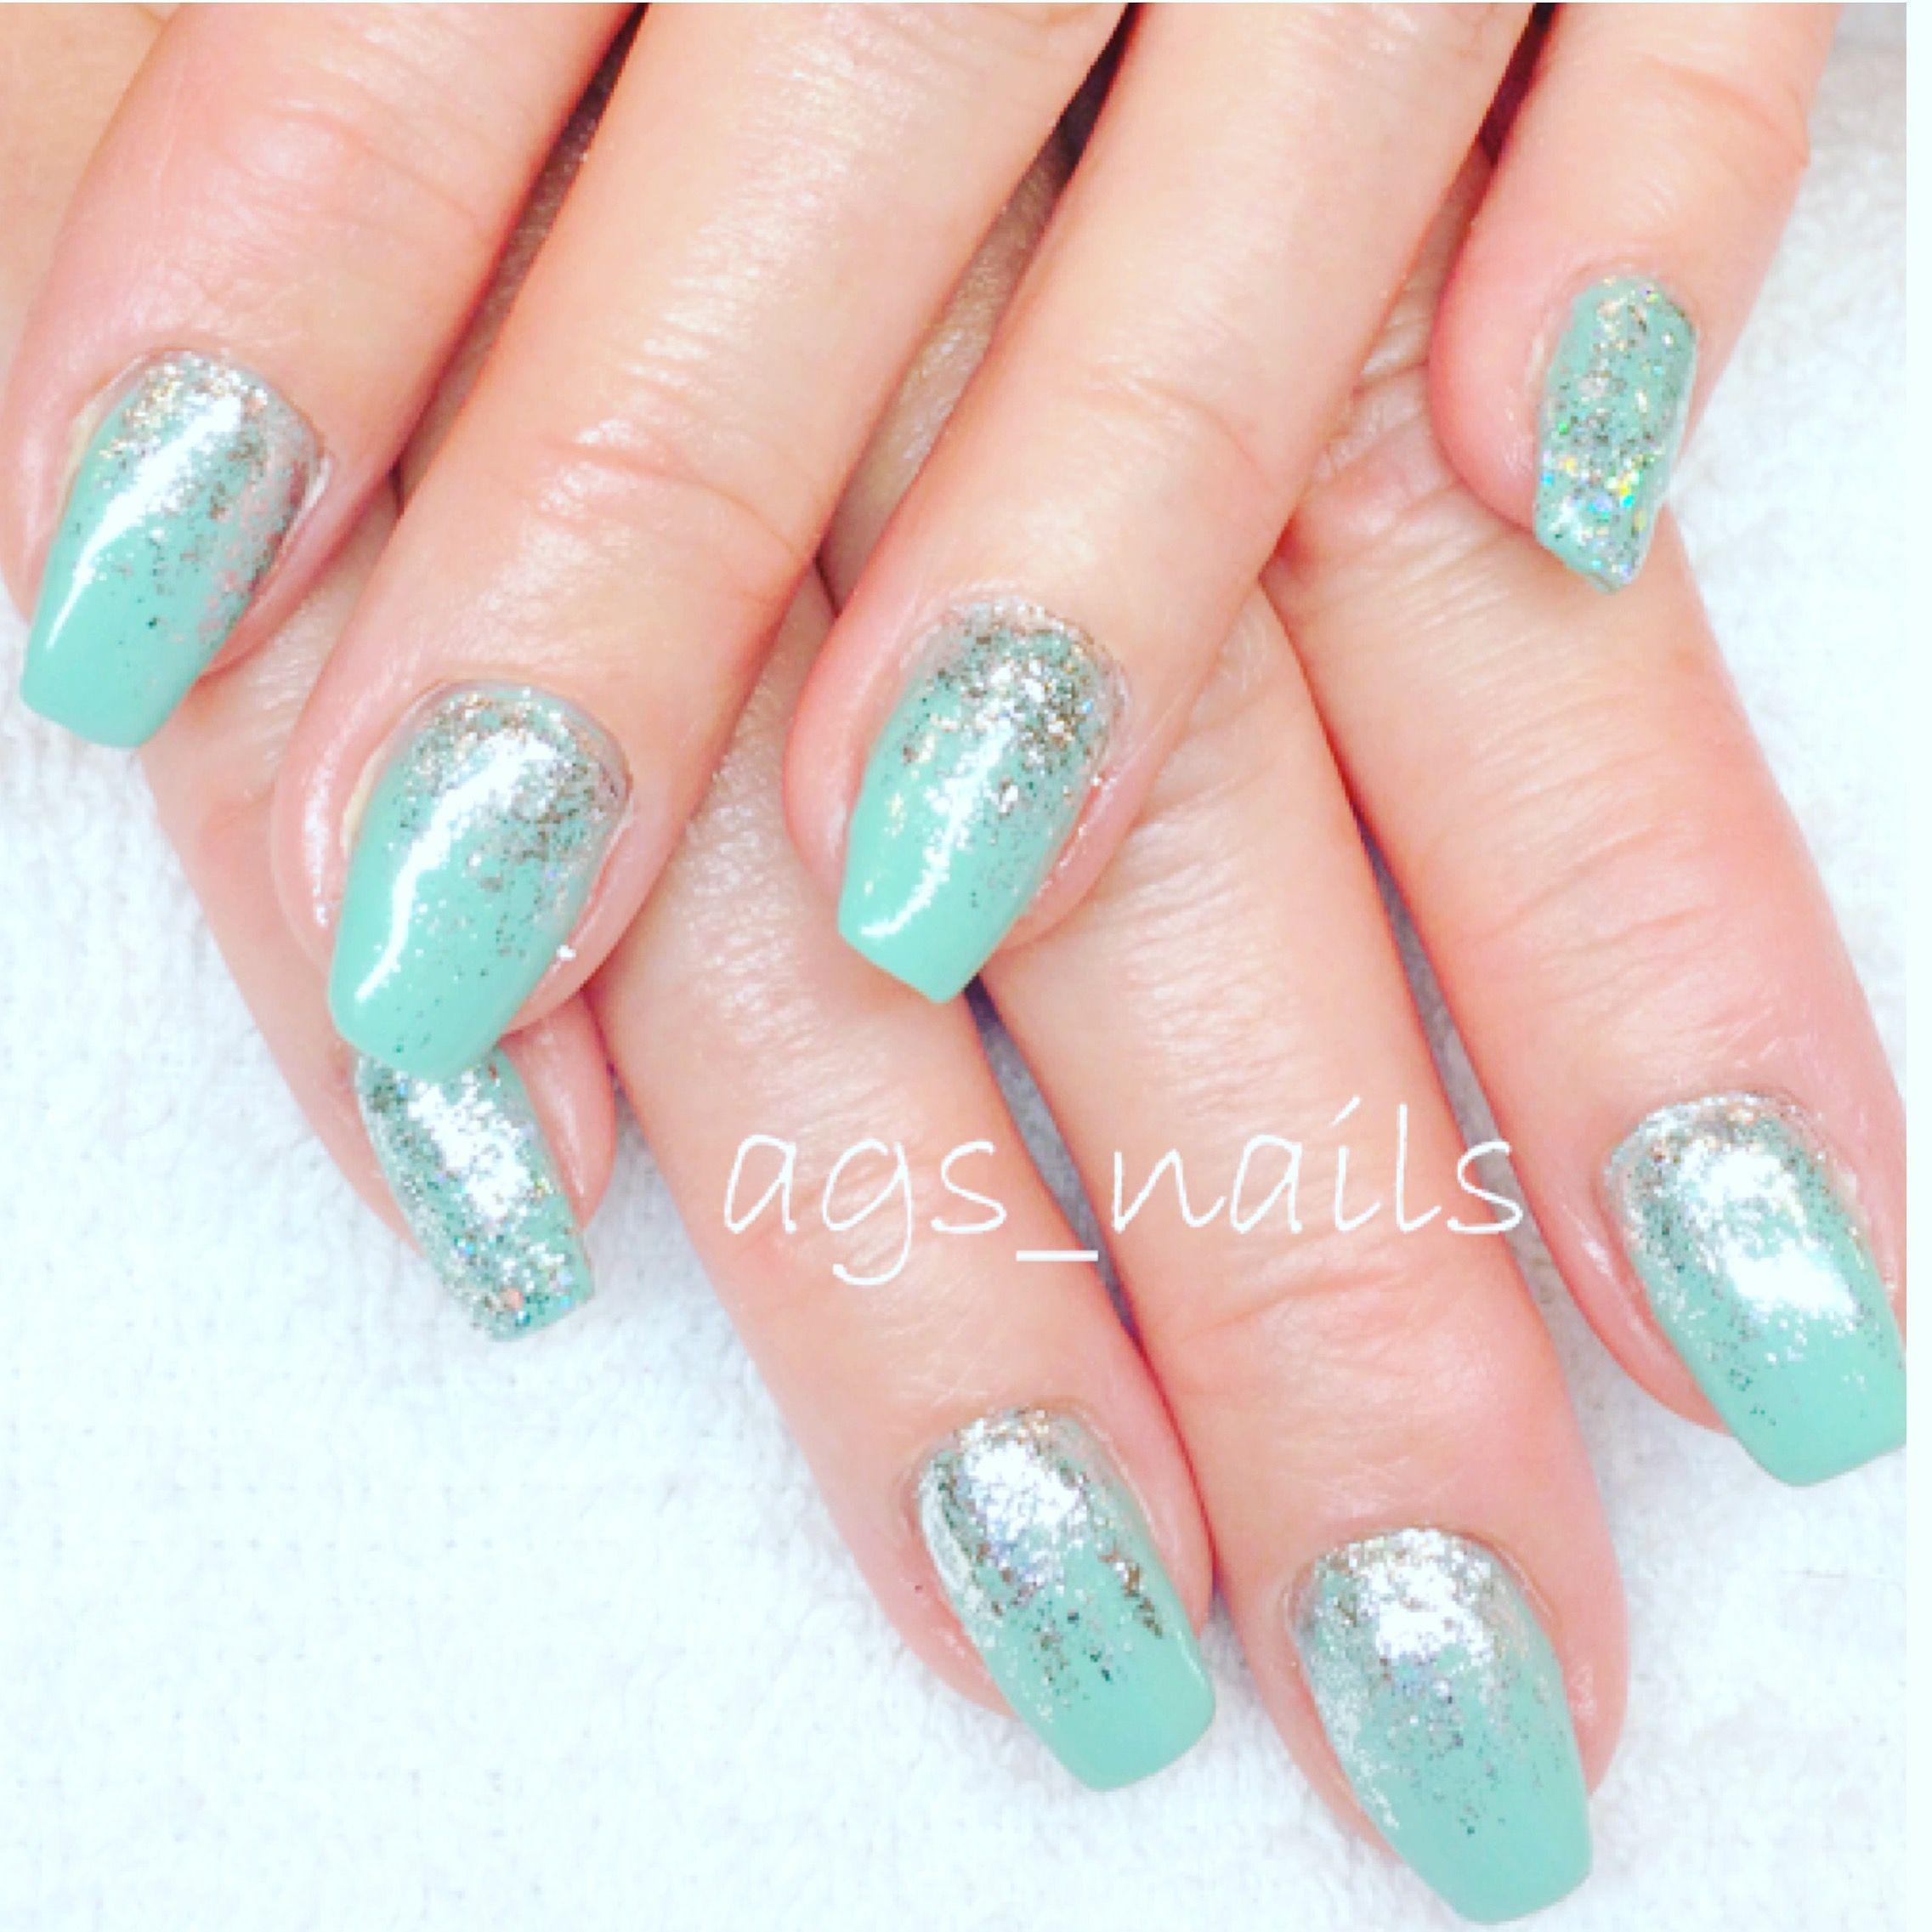 ags nail studio   Nail studio, Nails, Beauty